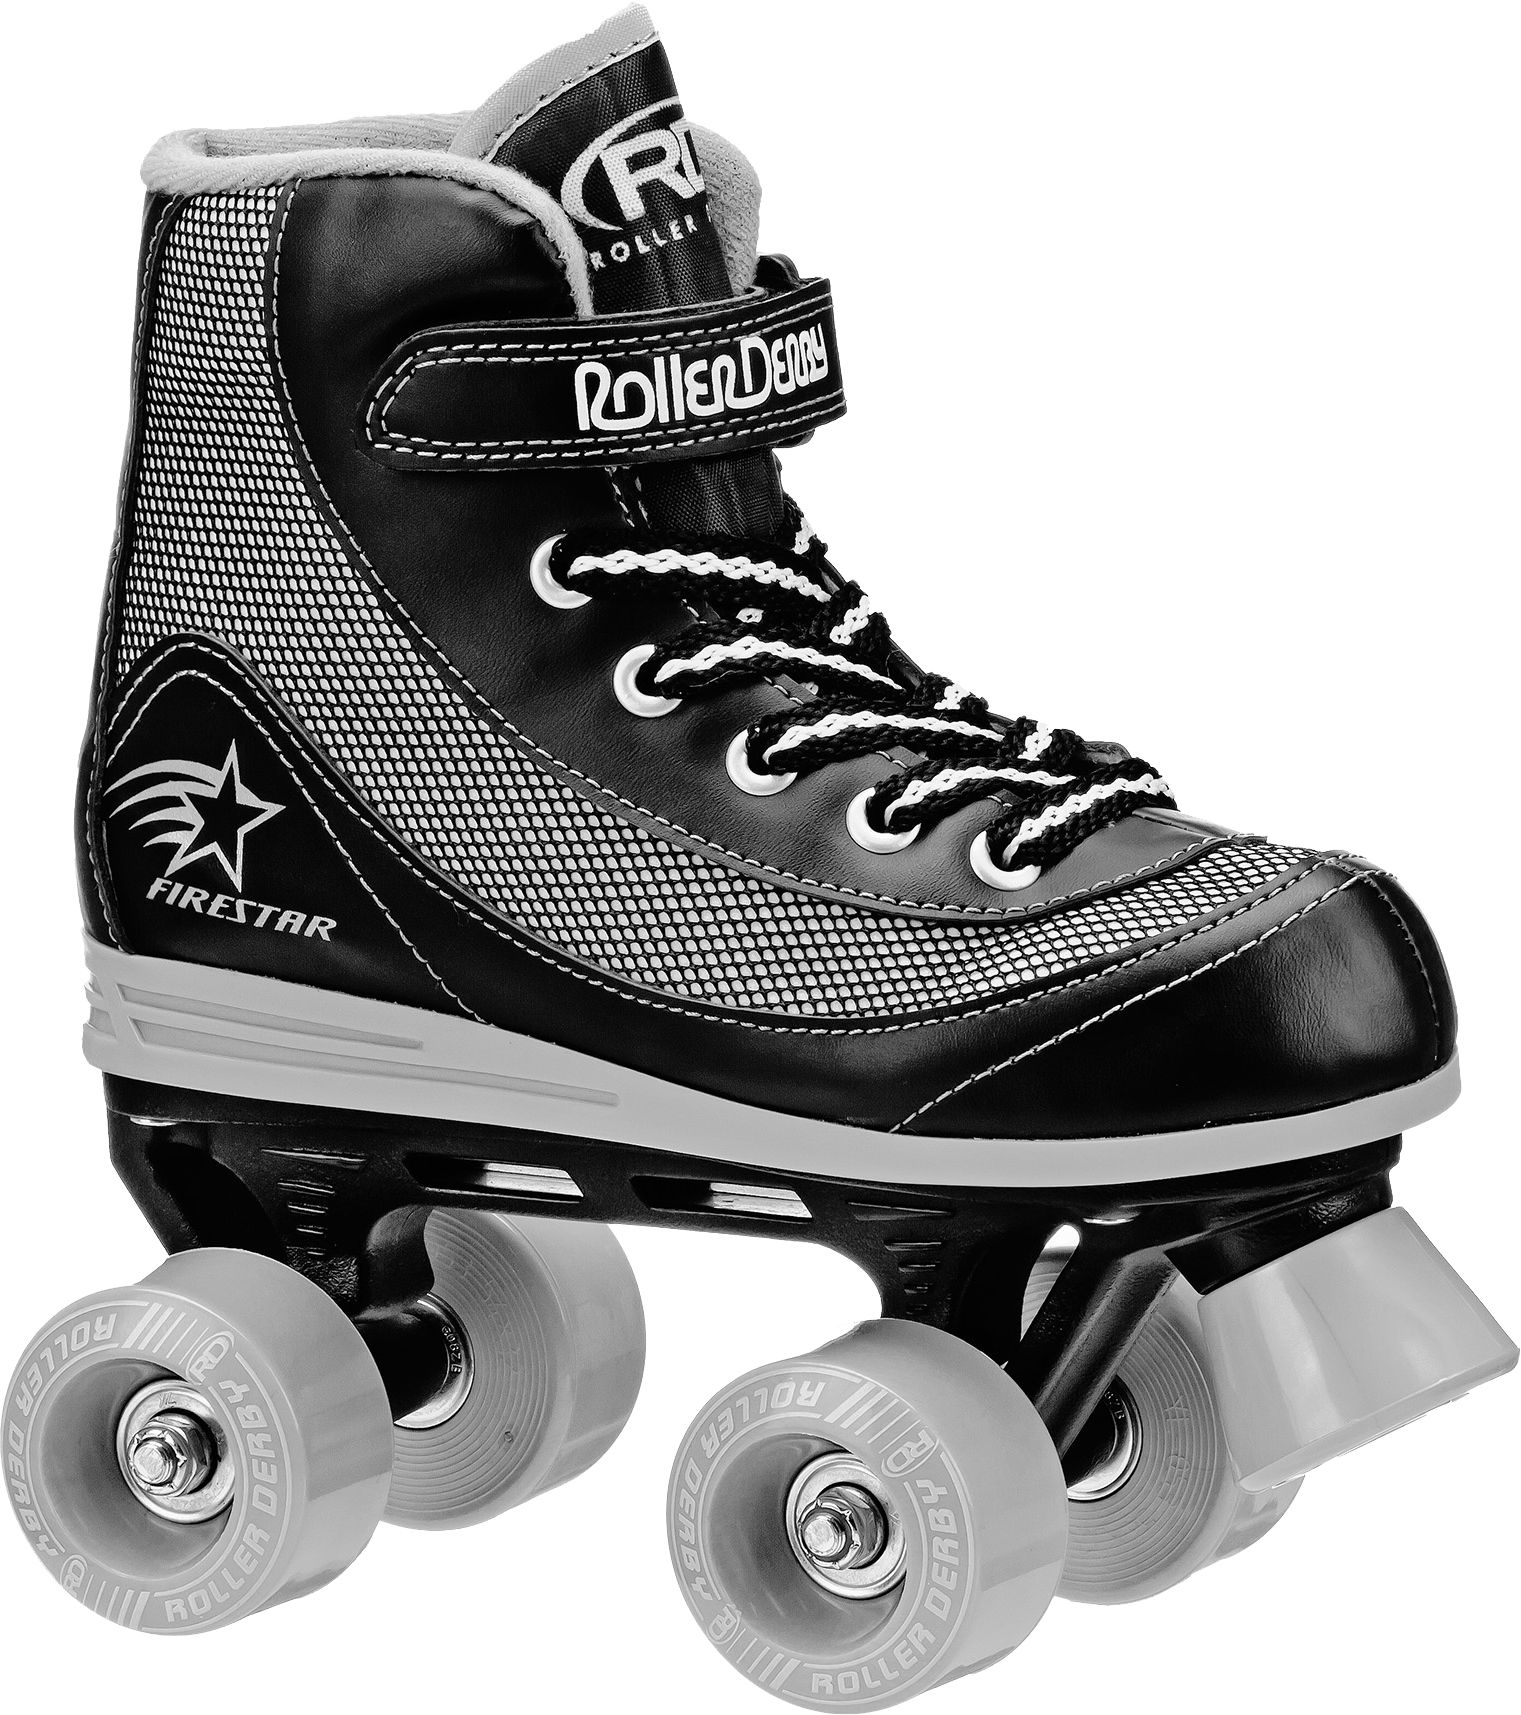 Roller skating rink jefferson city mo - Noimagefound